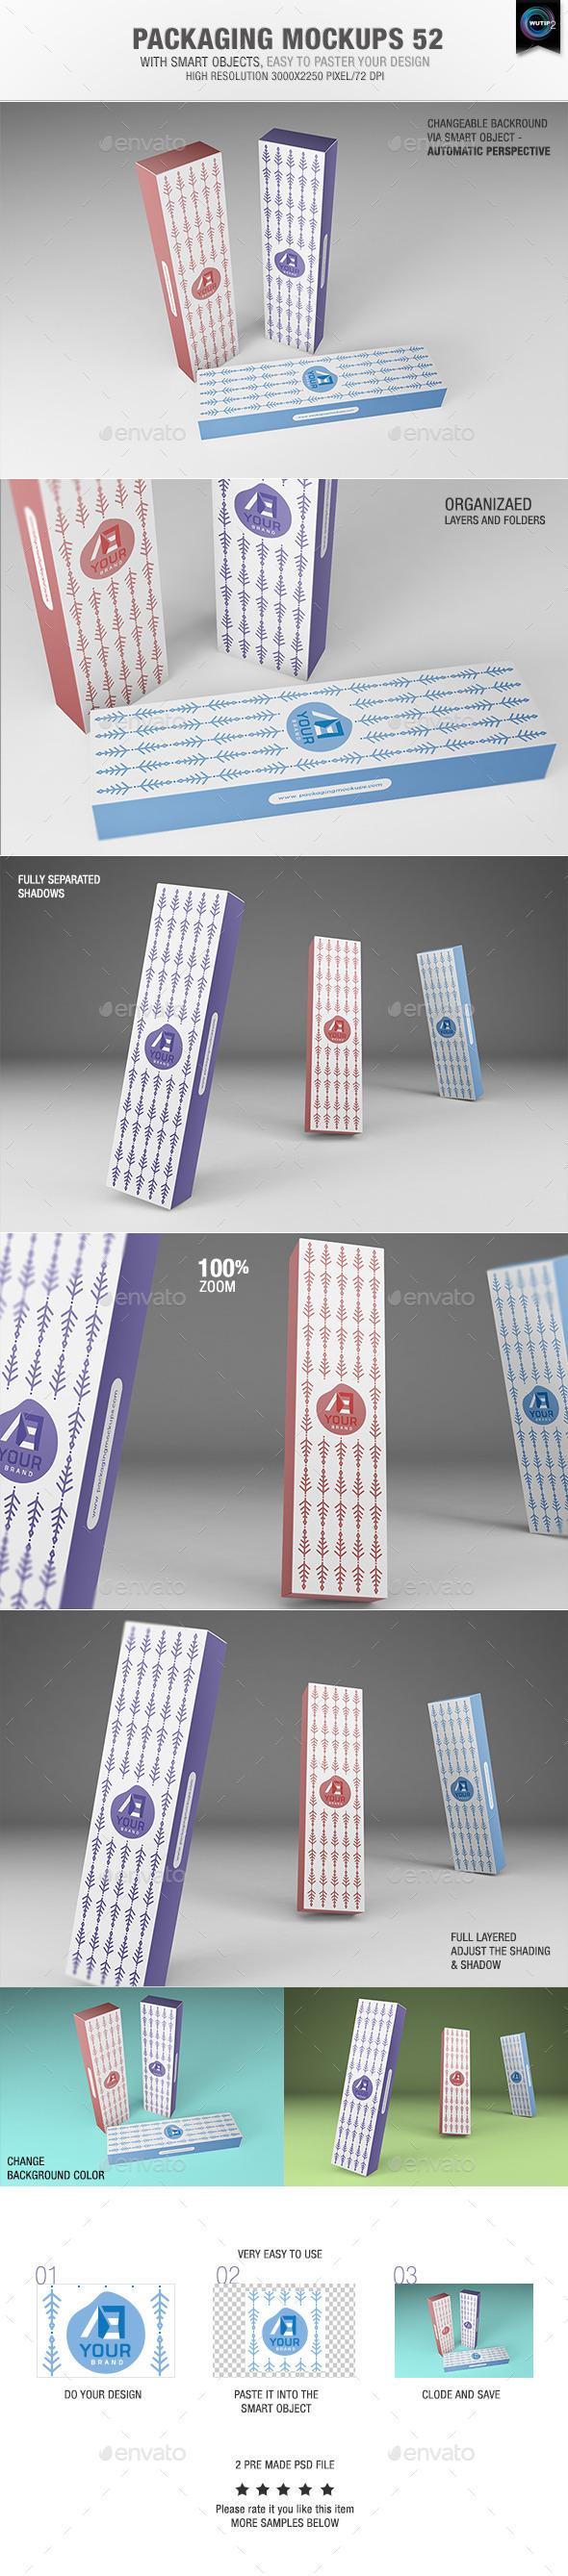 Packaging Mock-ups 52 - Packaging Product Mock-Ups